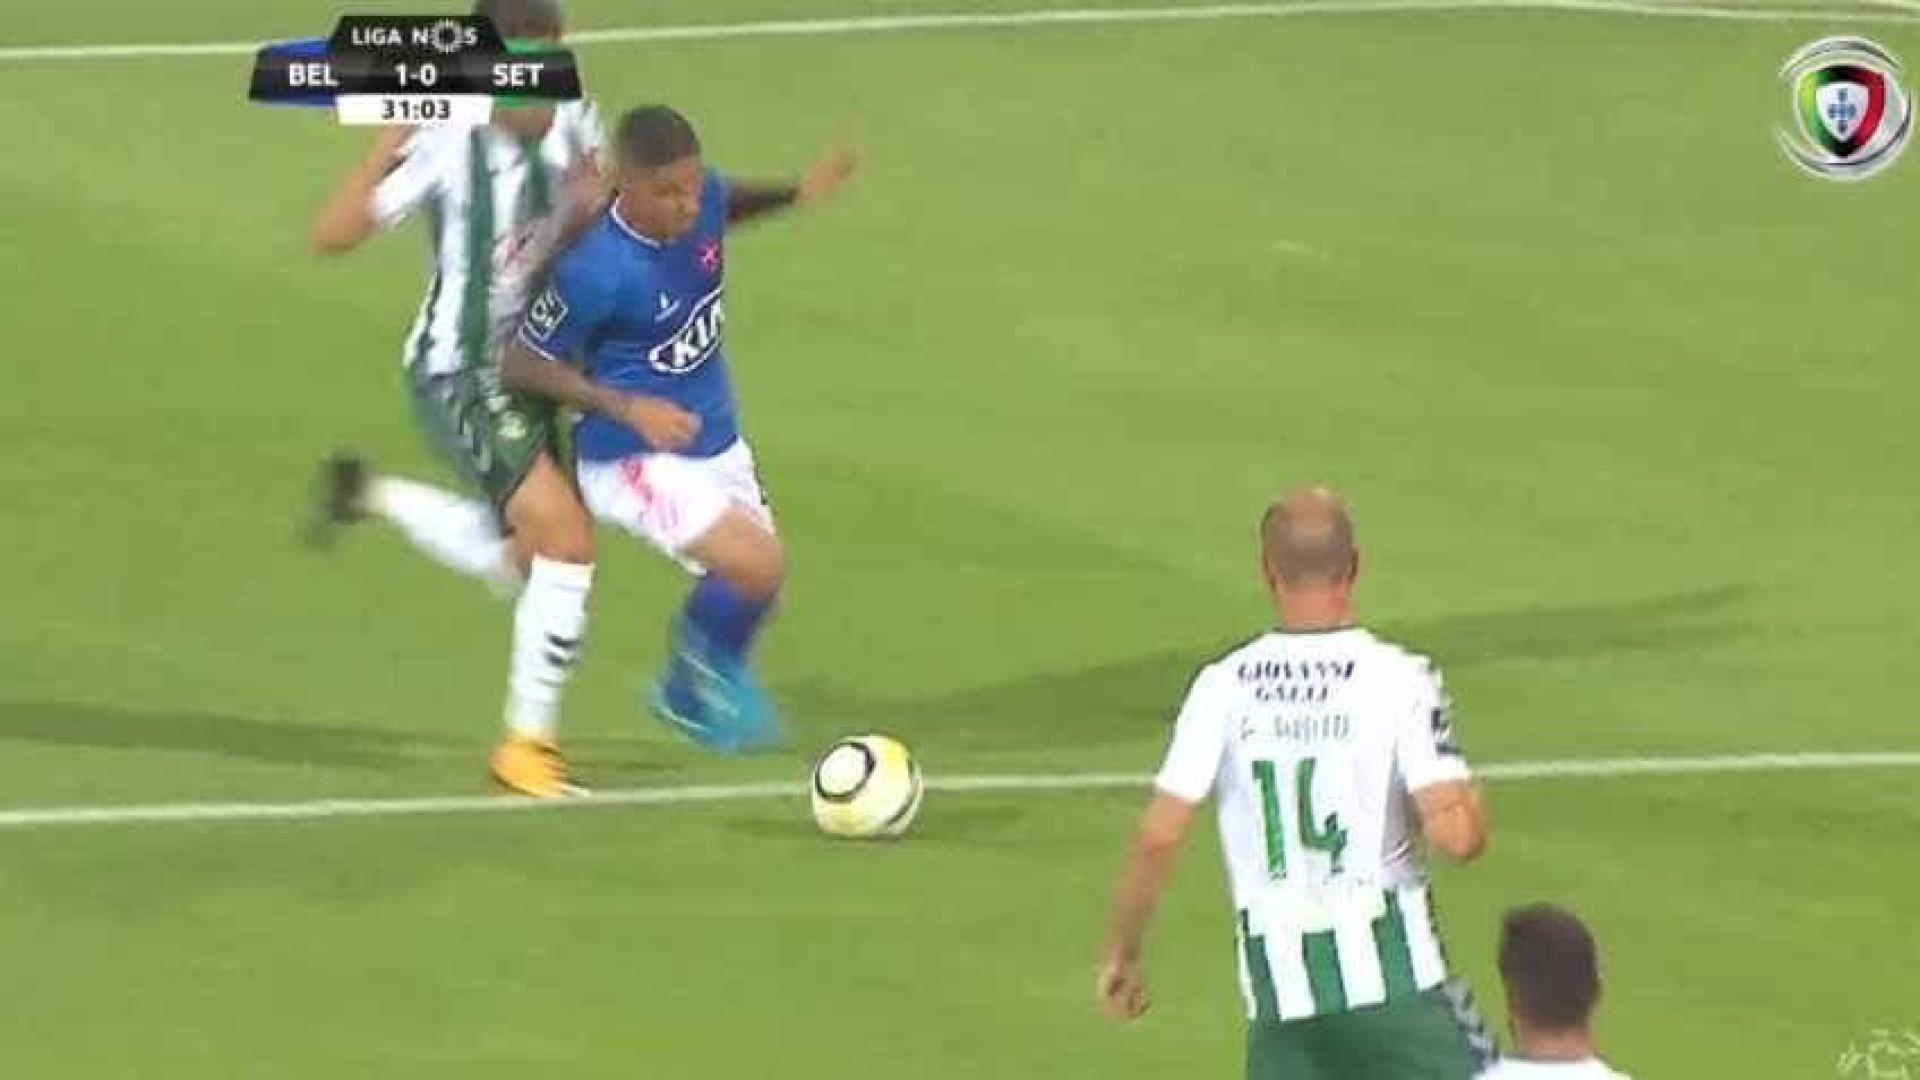 Vitória de Setúbal 'salva' empate na deslocação ao Restelo — COMENTÁRIO